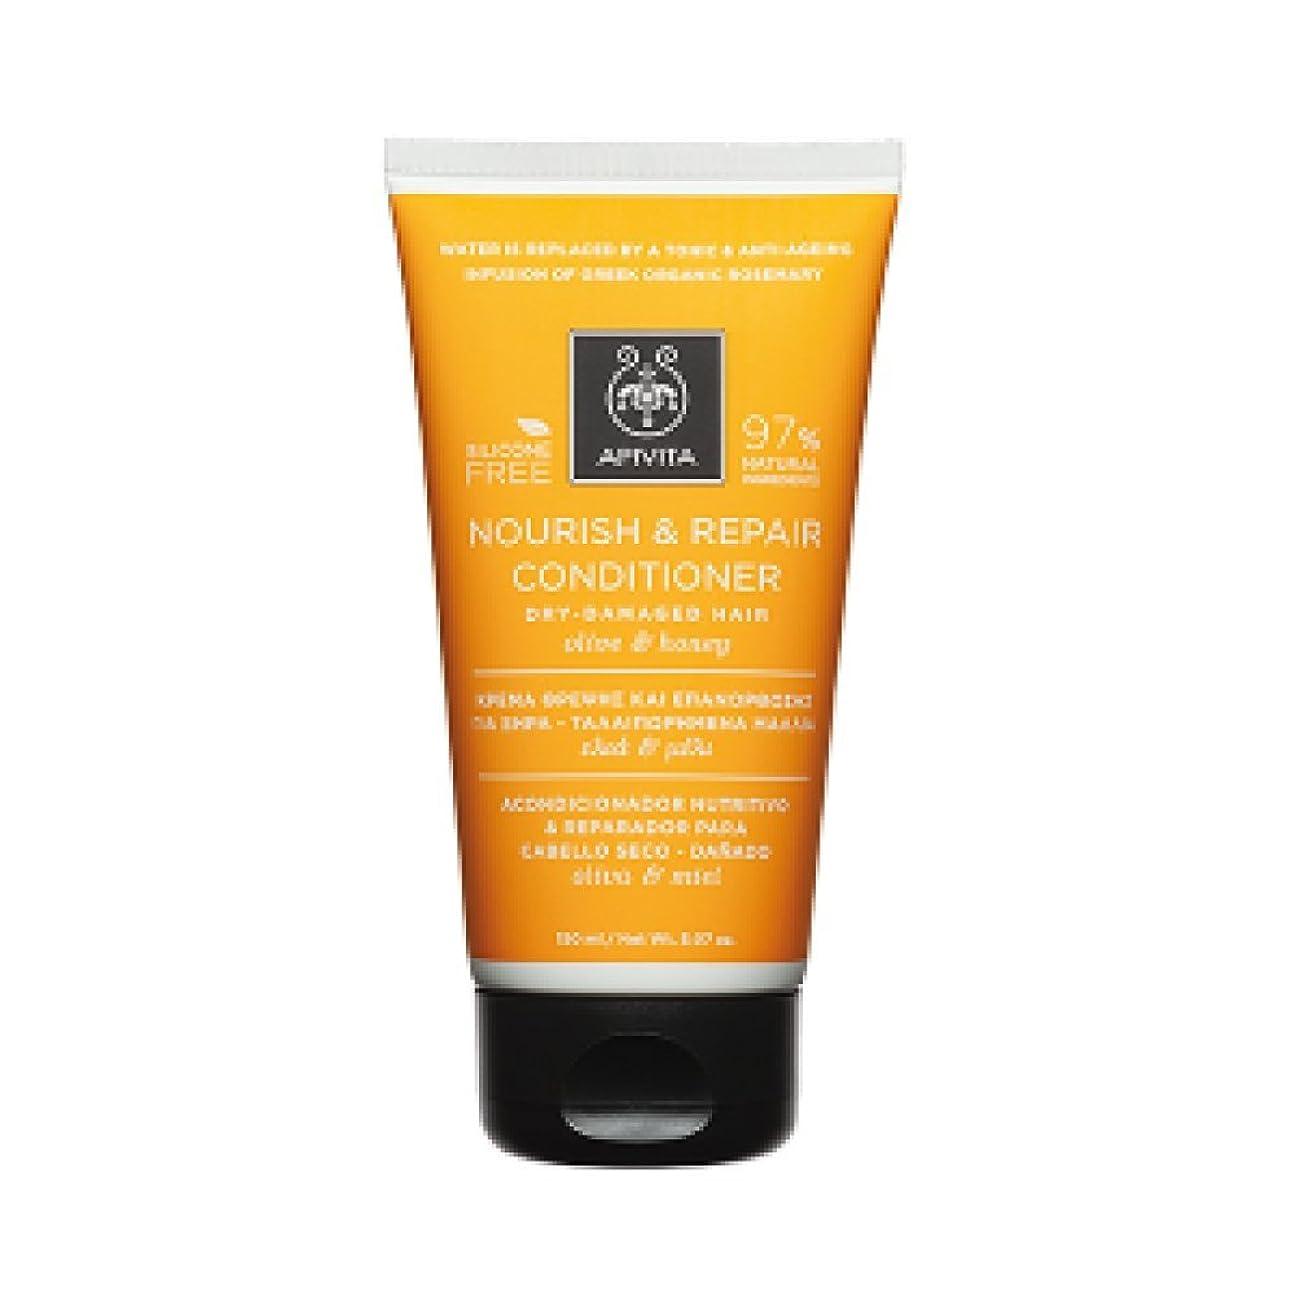 順番含めるペルソナアピヴィータ Nourish & Repair Conditioner with Olive & Honey (For Dry-Damaged Hair) 150ml [並行輸入品]